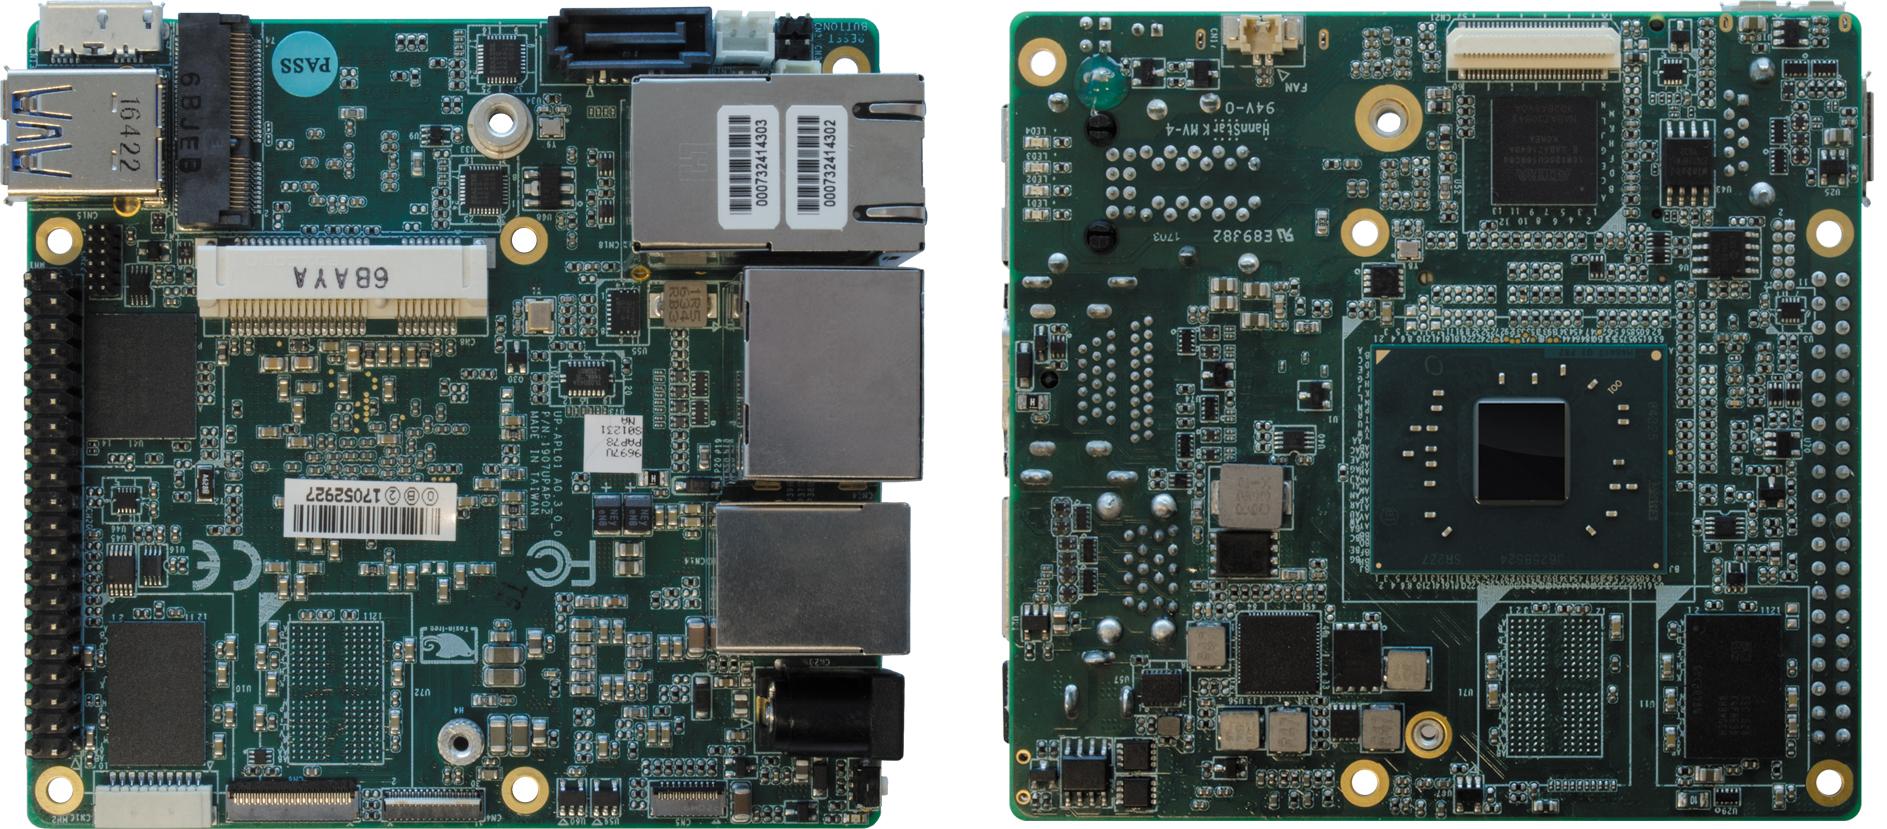 Одноплатный компьютер UPS-P4-A10-08128 компании AAEON